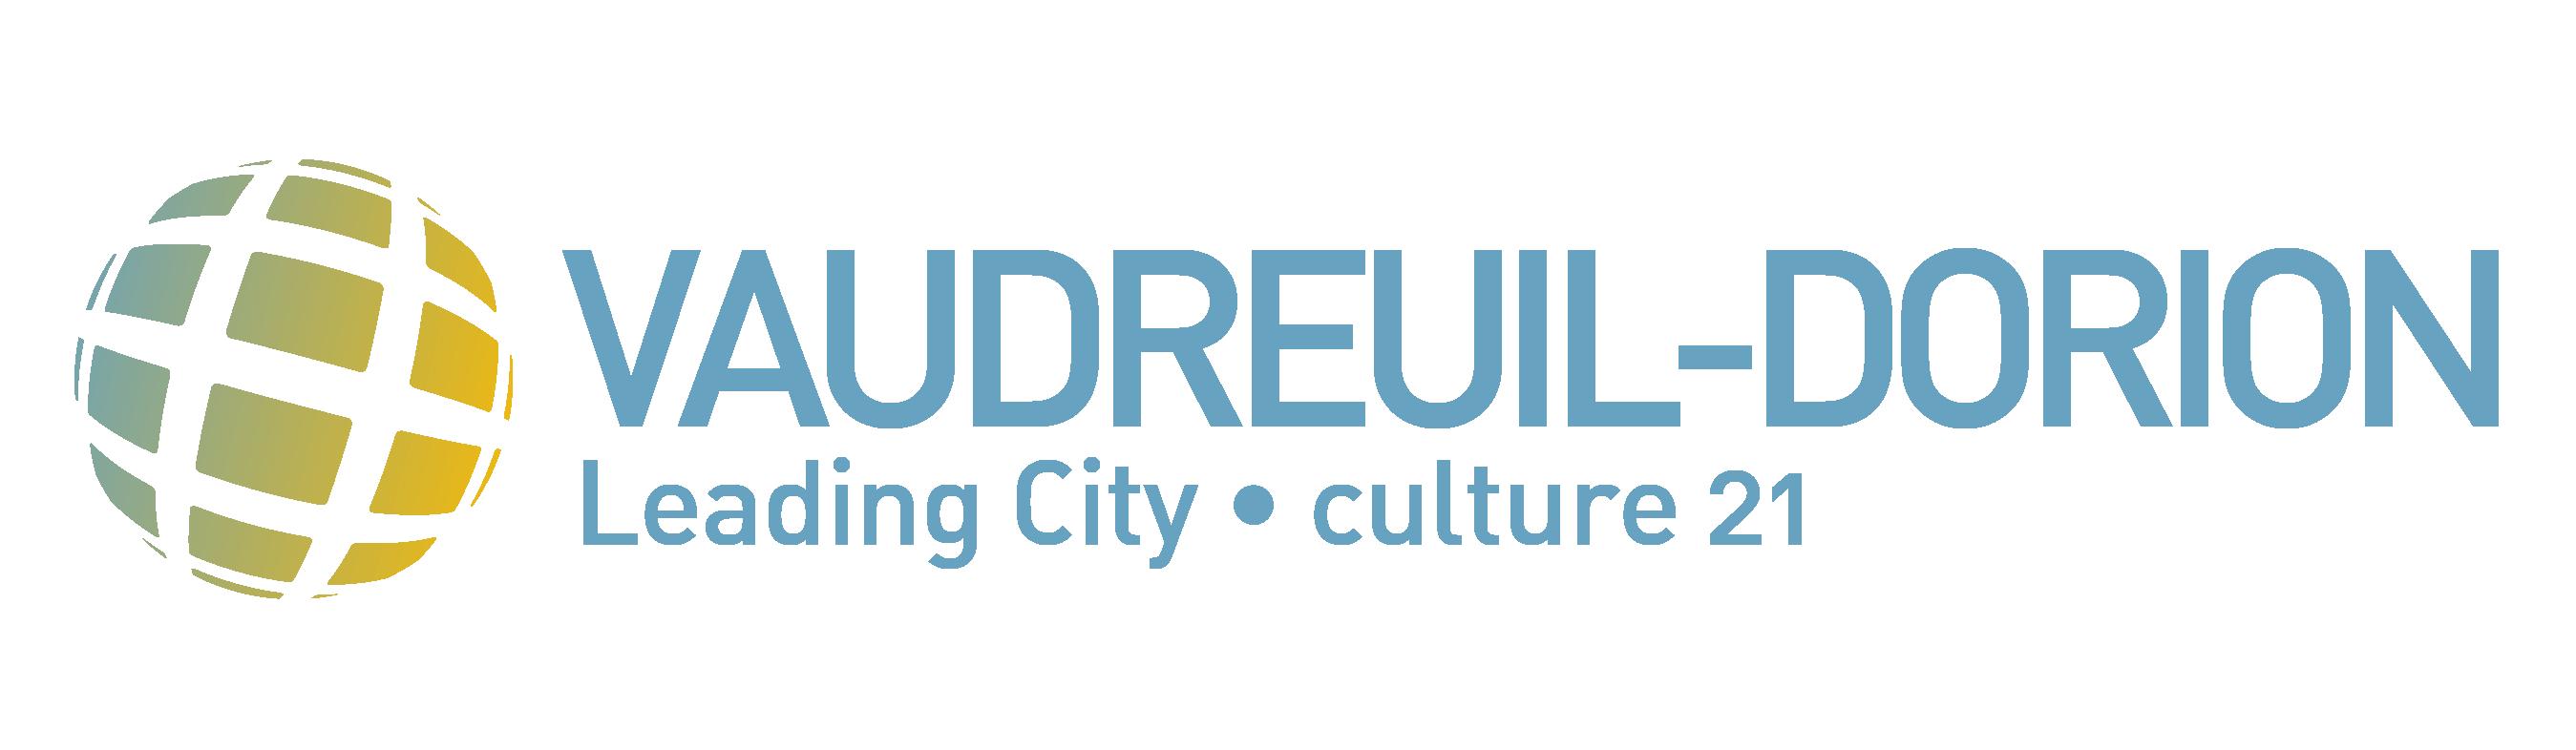 Vaudreuil-Dorion Logo